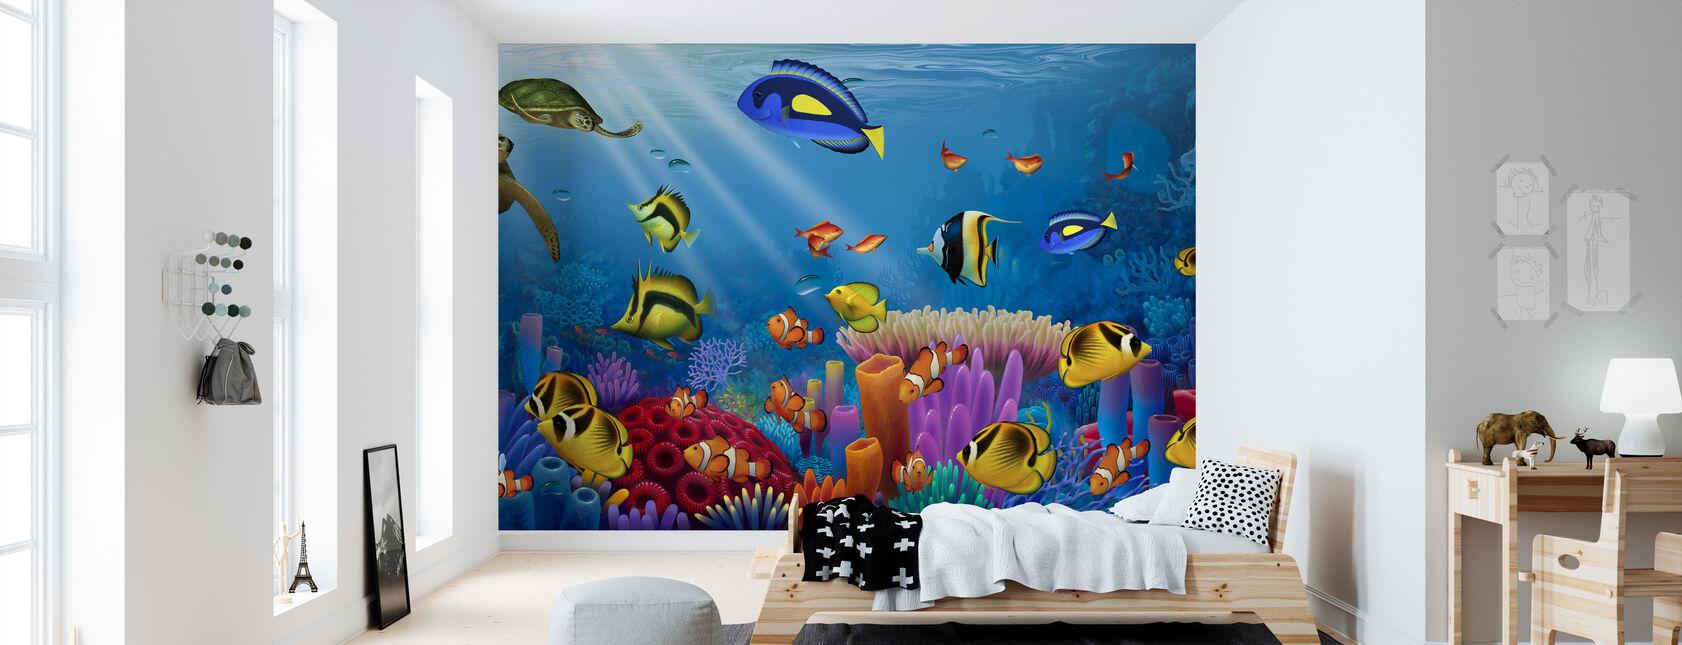 Elämän meri - Tapetti - Lastenhuone